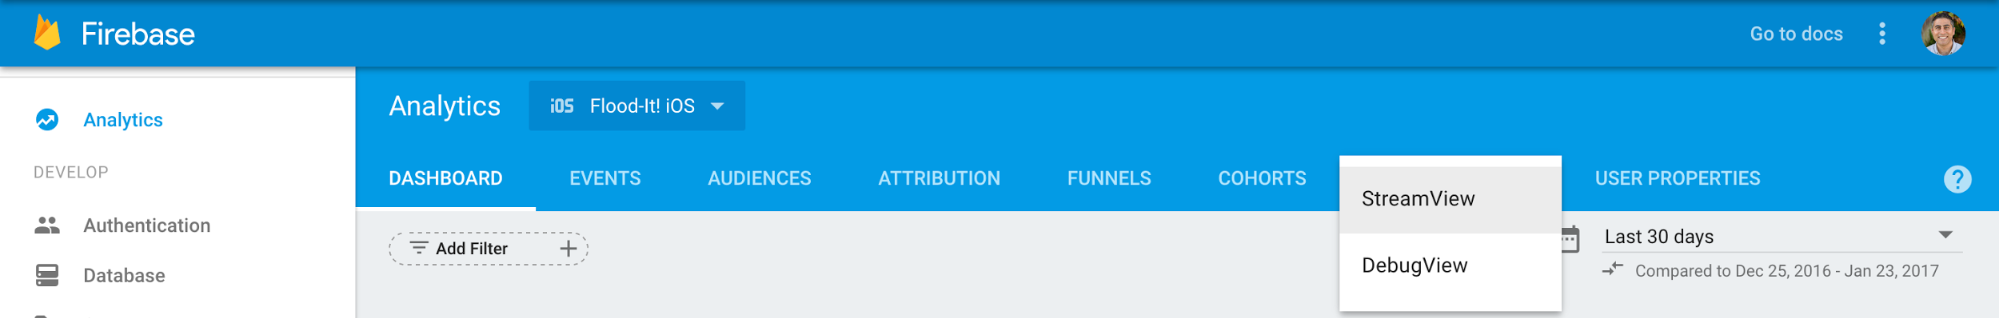 Para navegar até DebugView, selecione a seta ao lado de StreamView no navegador superior do Google Analytics e selecione